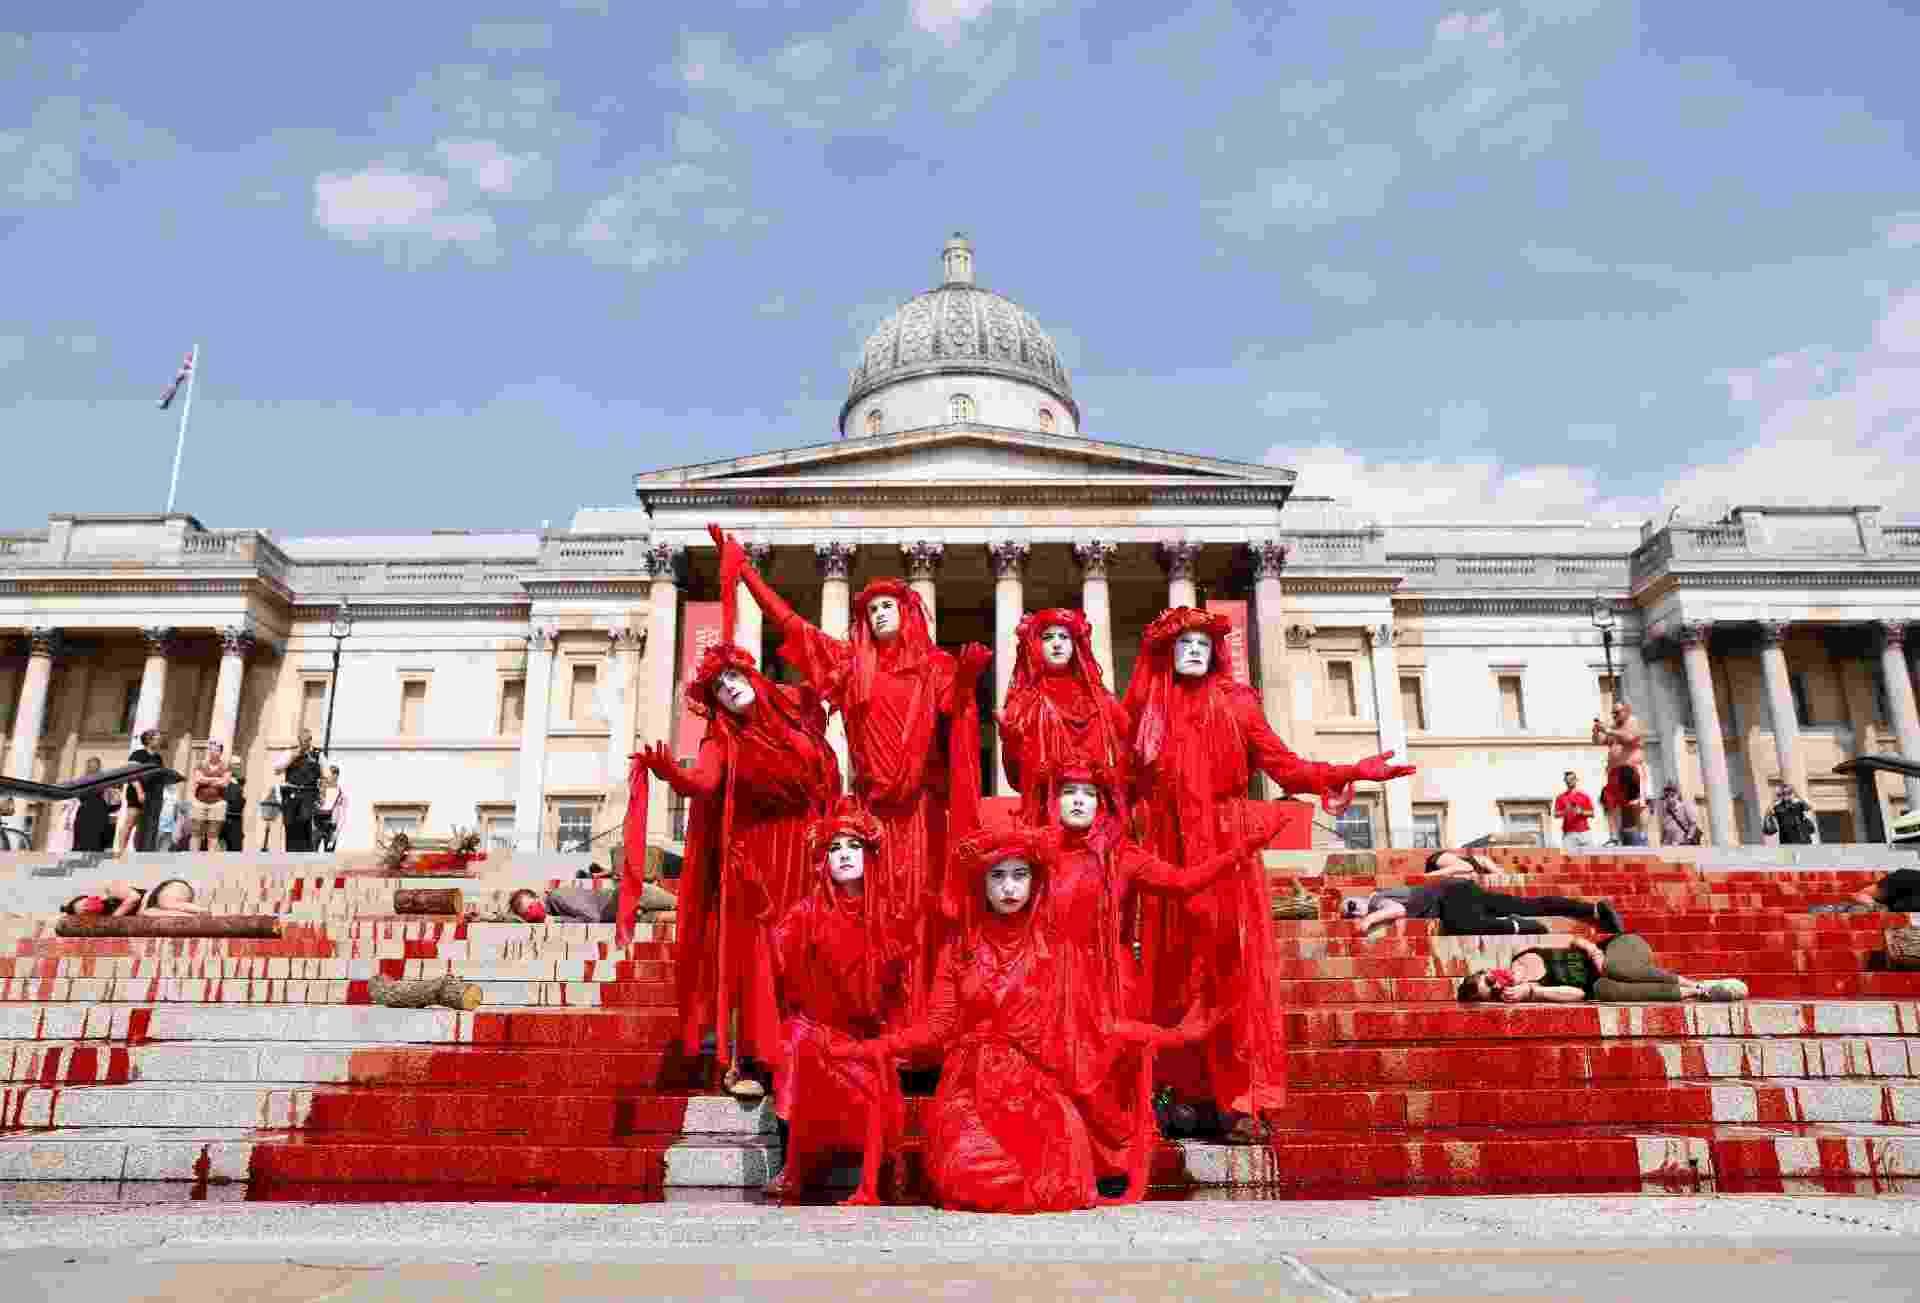 Ativistas fizeram uma manifestação em frente a National Gallery, em Londres neste domingo, contra os impactos da covid-19 nas comunidades indígenas do Brasil - REUTERS/John Sibley